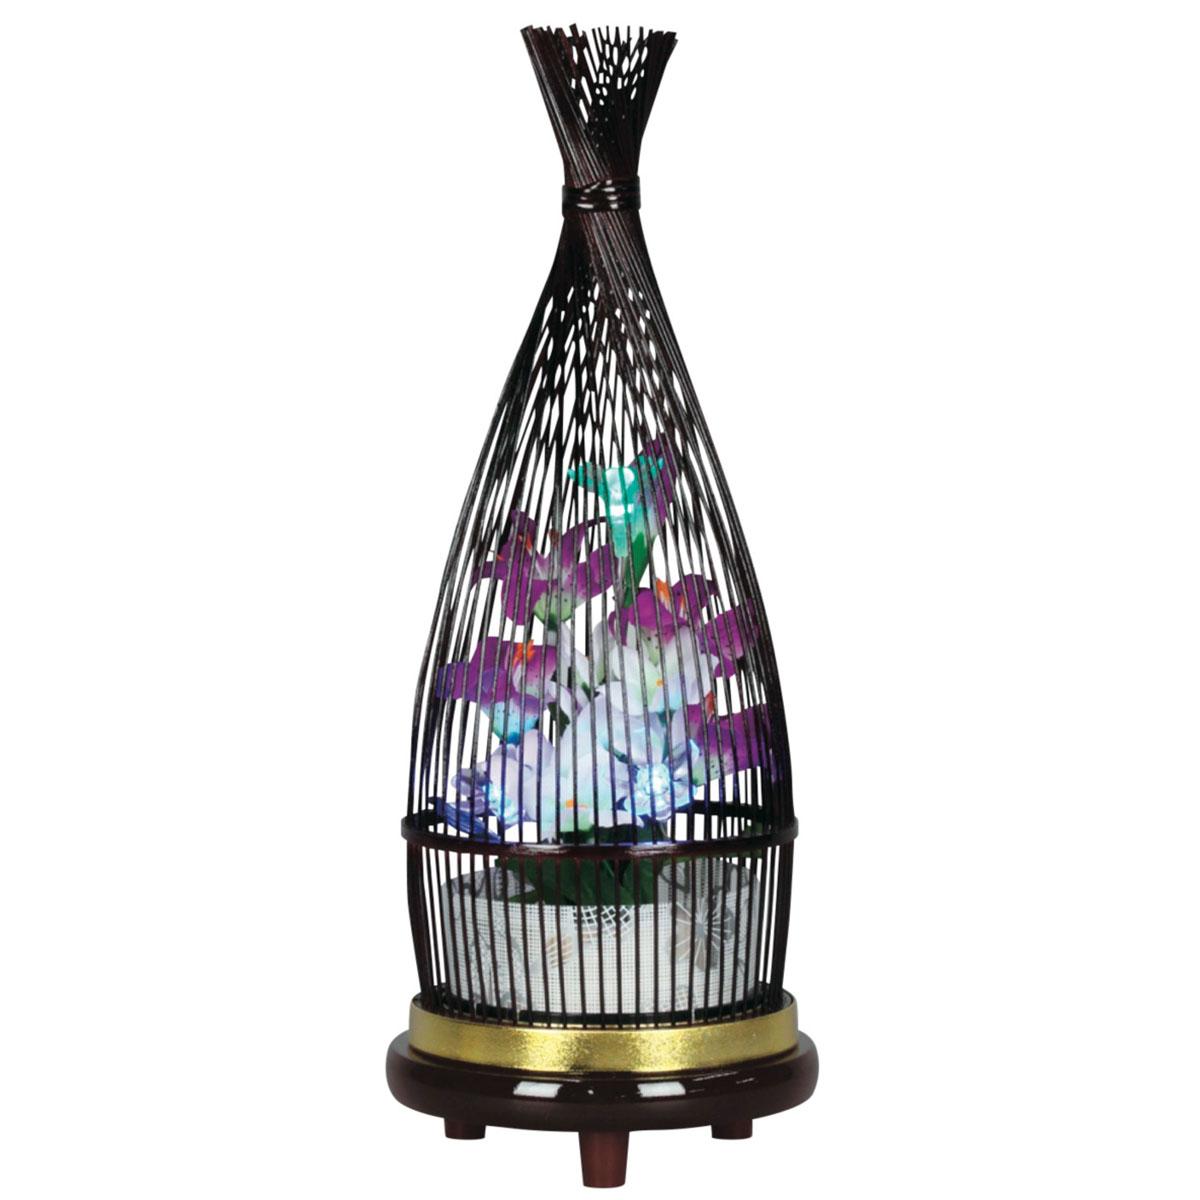 盆提灯 霊前灯 『 華ほたる タメ塗 』 BCG-8842-90-057電気コード式 霊前灯 置き型 置き提灯